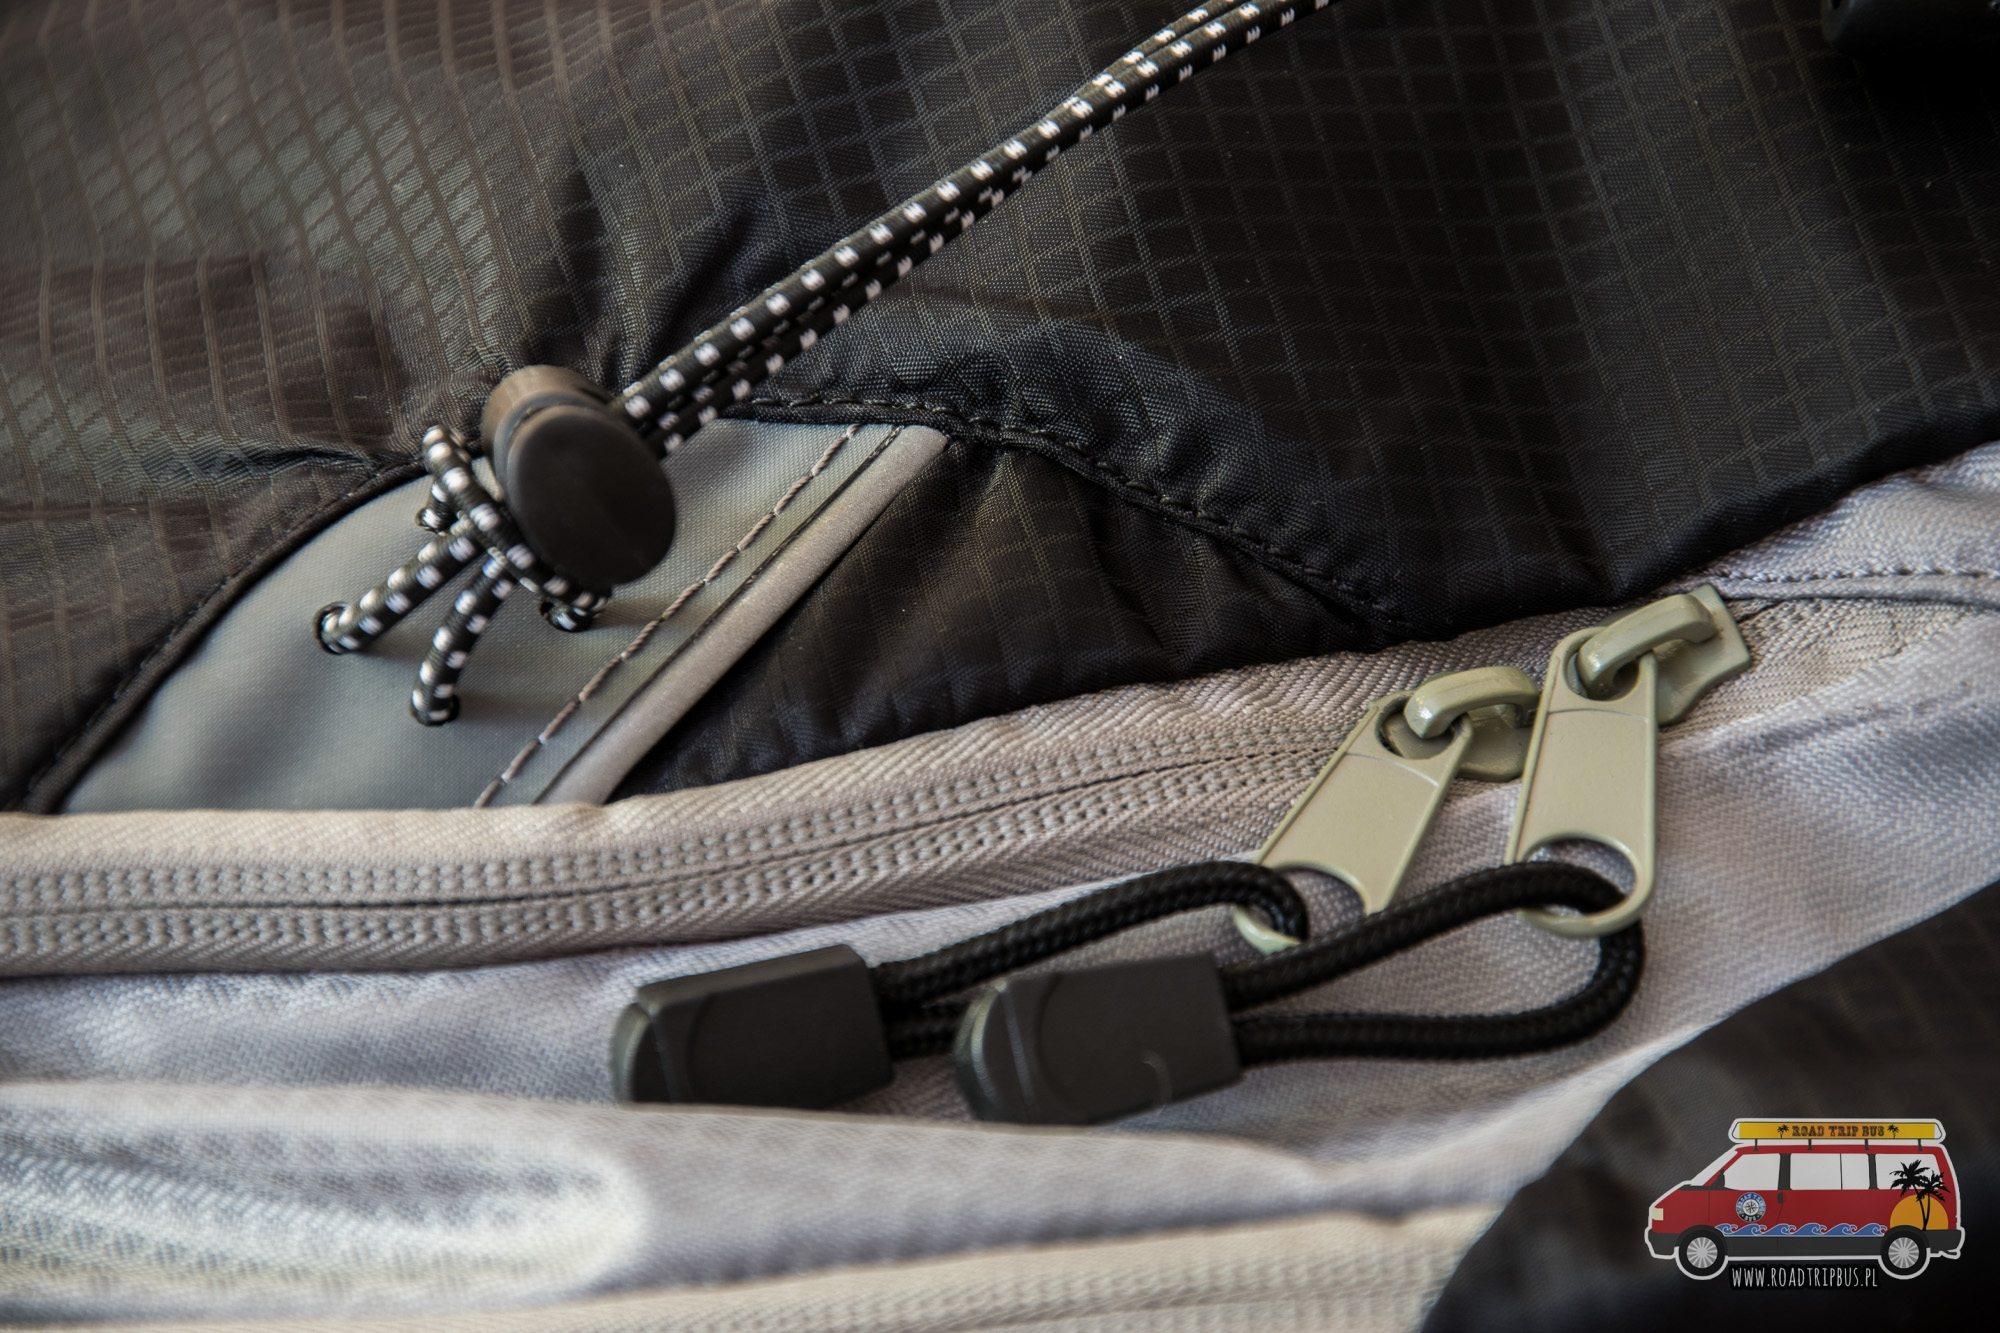 d5c259504df46 Plecak Rockland PLUME 25 - recenzja - Road Trip Bus - w drodze ku ...